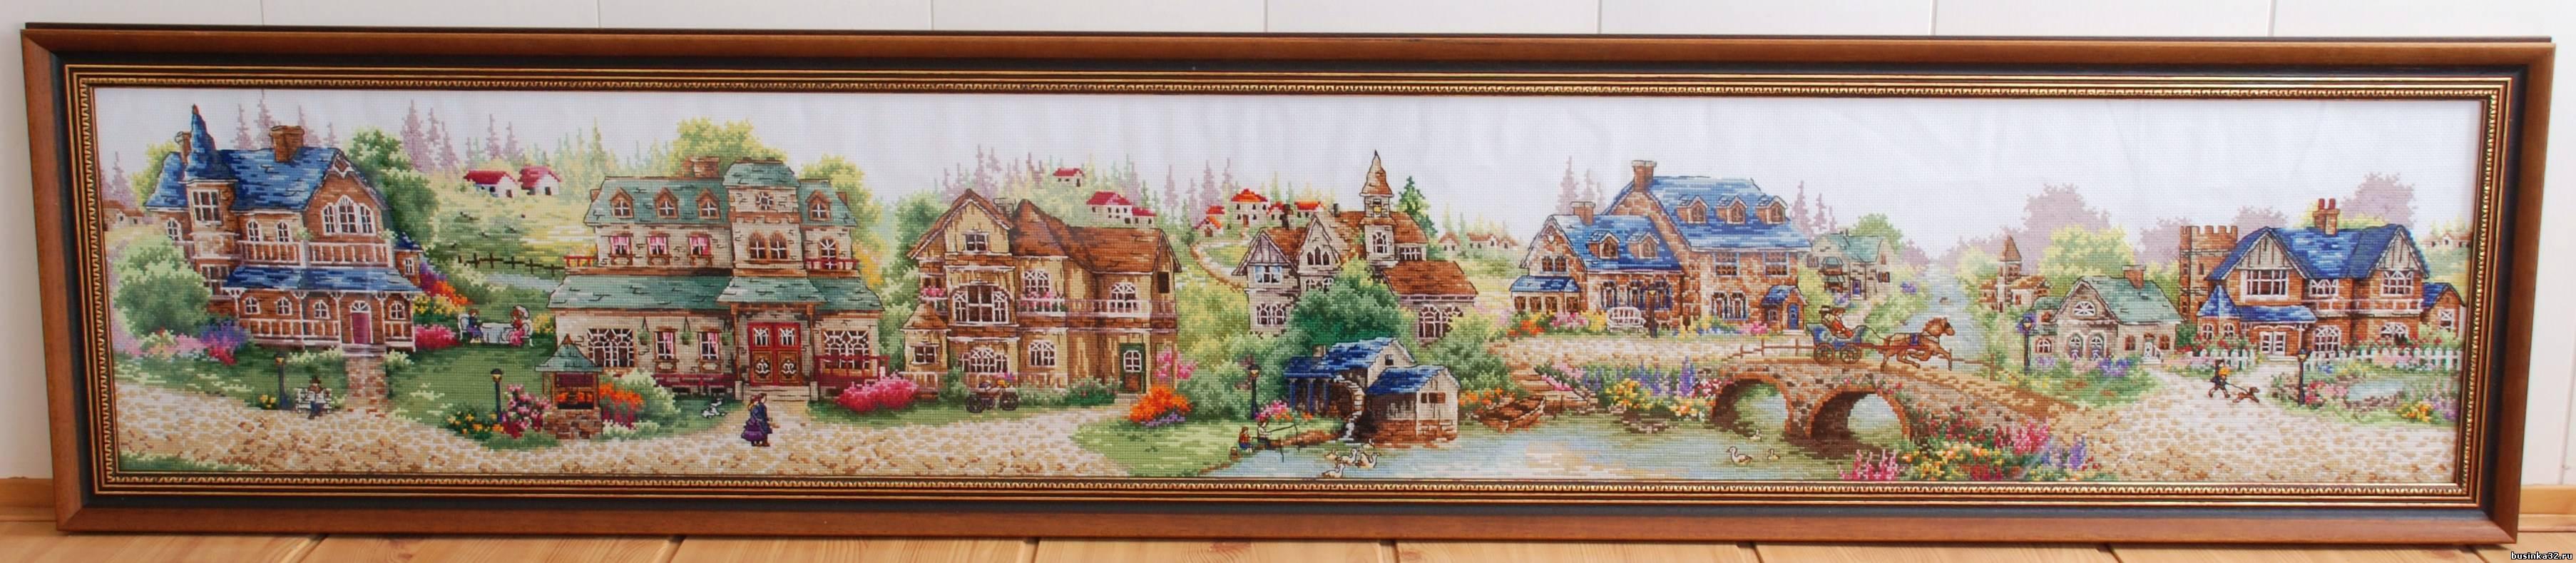 Праздничная деревня вышивка отзывы